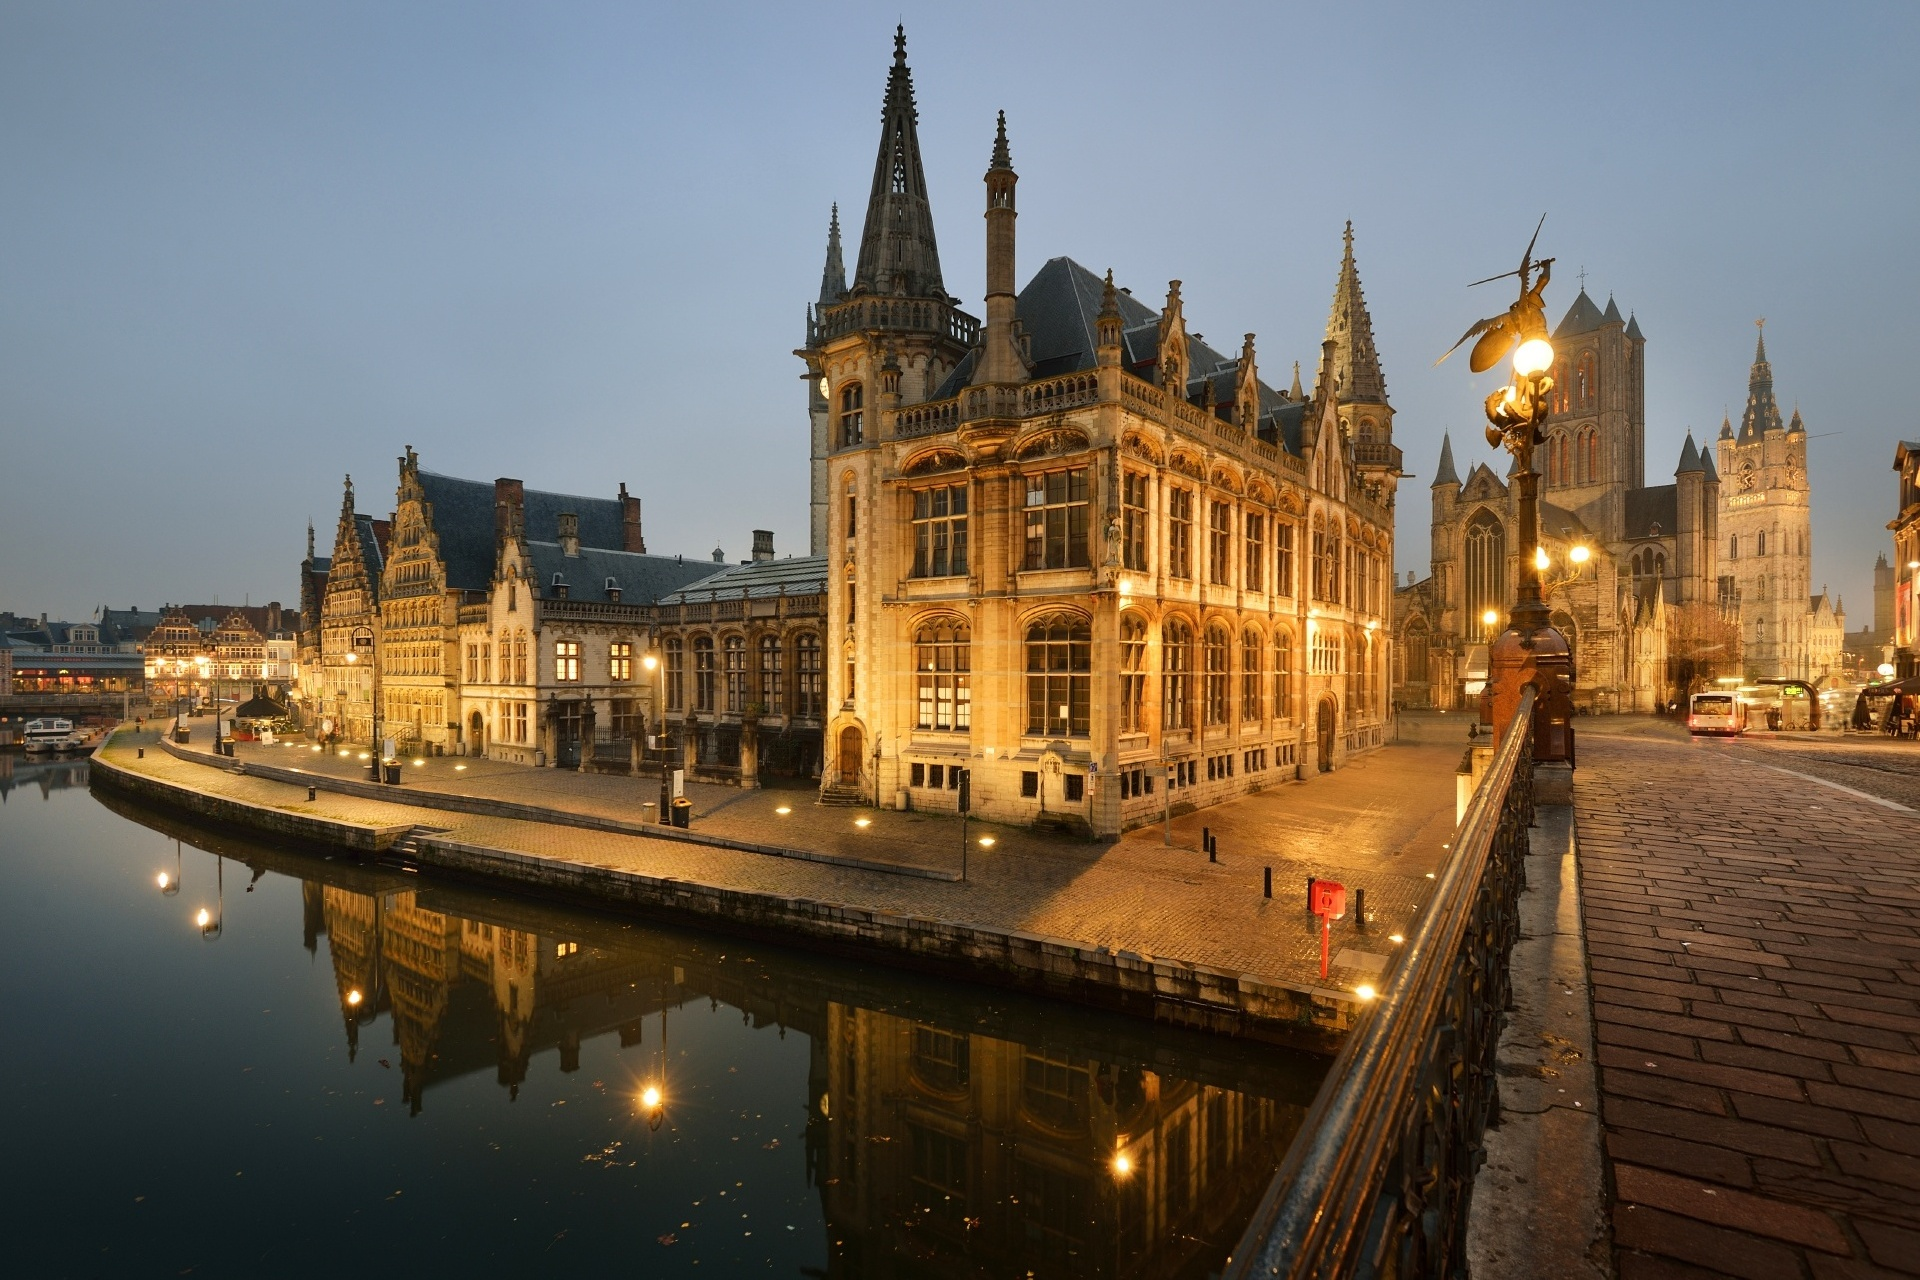 ヘントの夕暮れの風景 ベルギーの風景